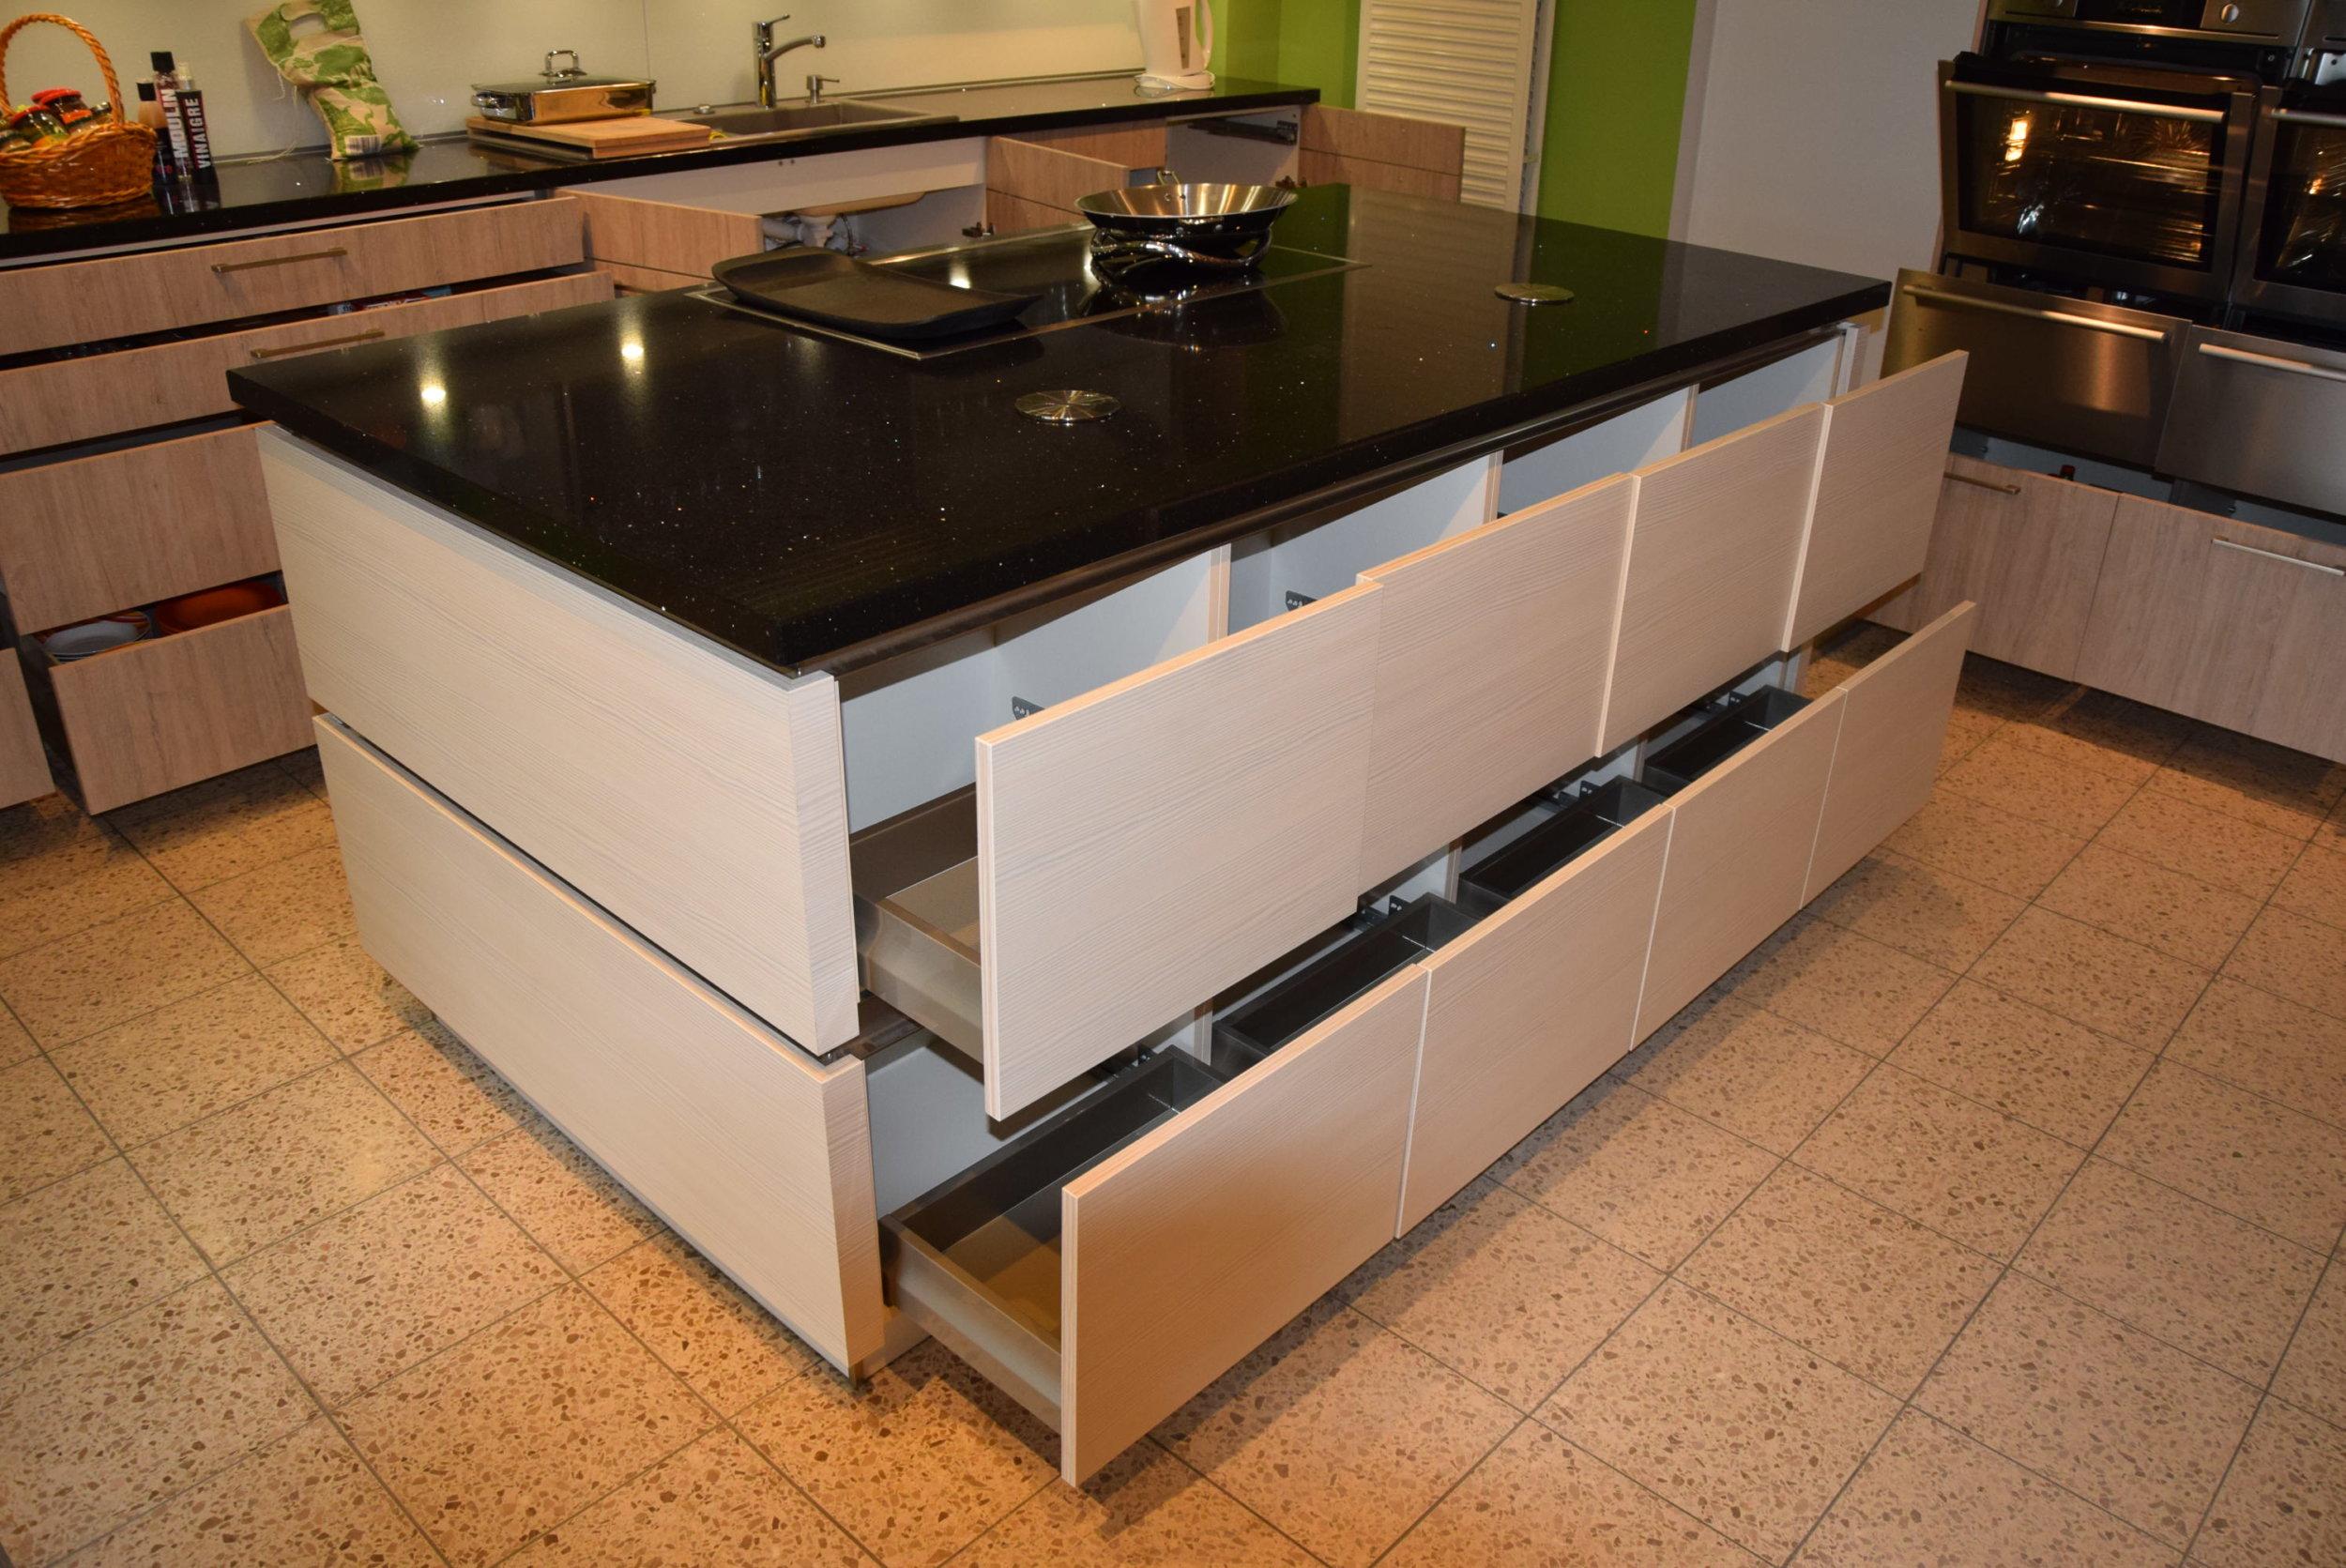 Full Size of Einbauküche Nobilia Bad Abverkauf Inselküche Küchen Regal Küche Wohnzimmer Küchen Abverkauf Nobilia